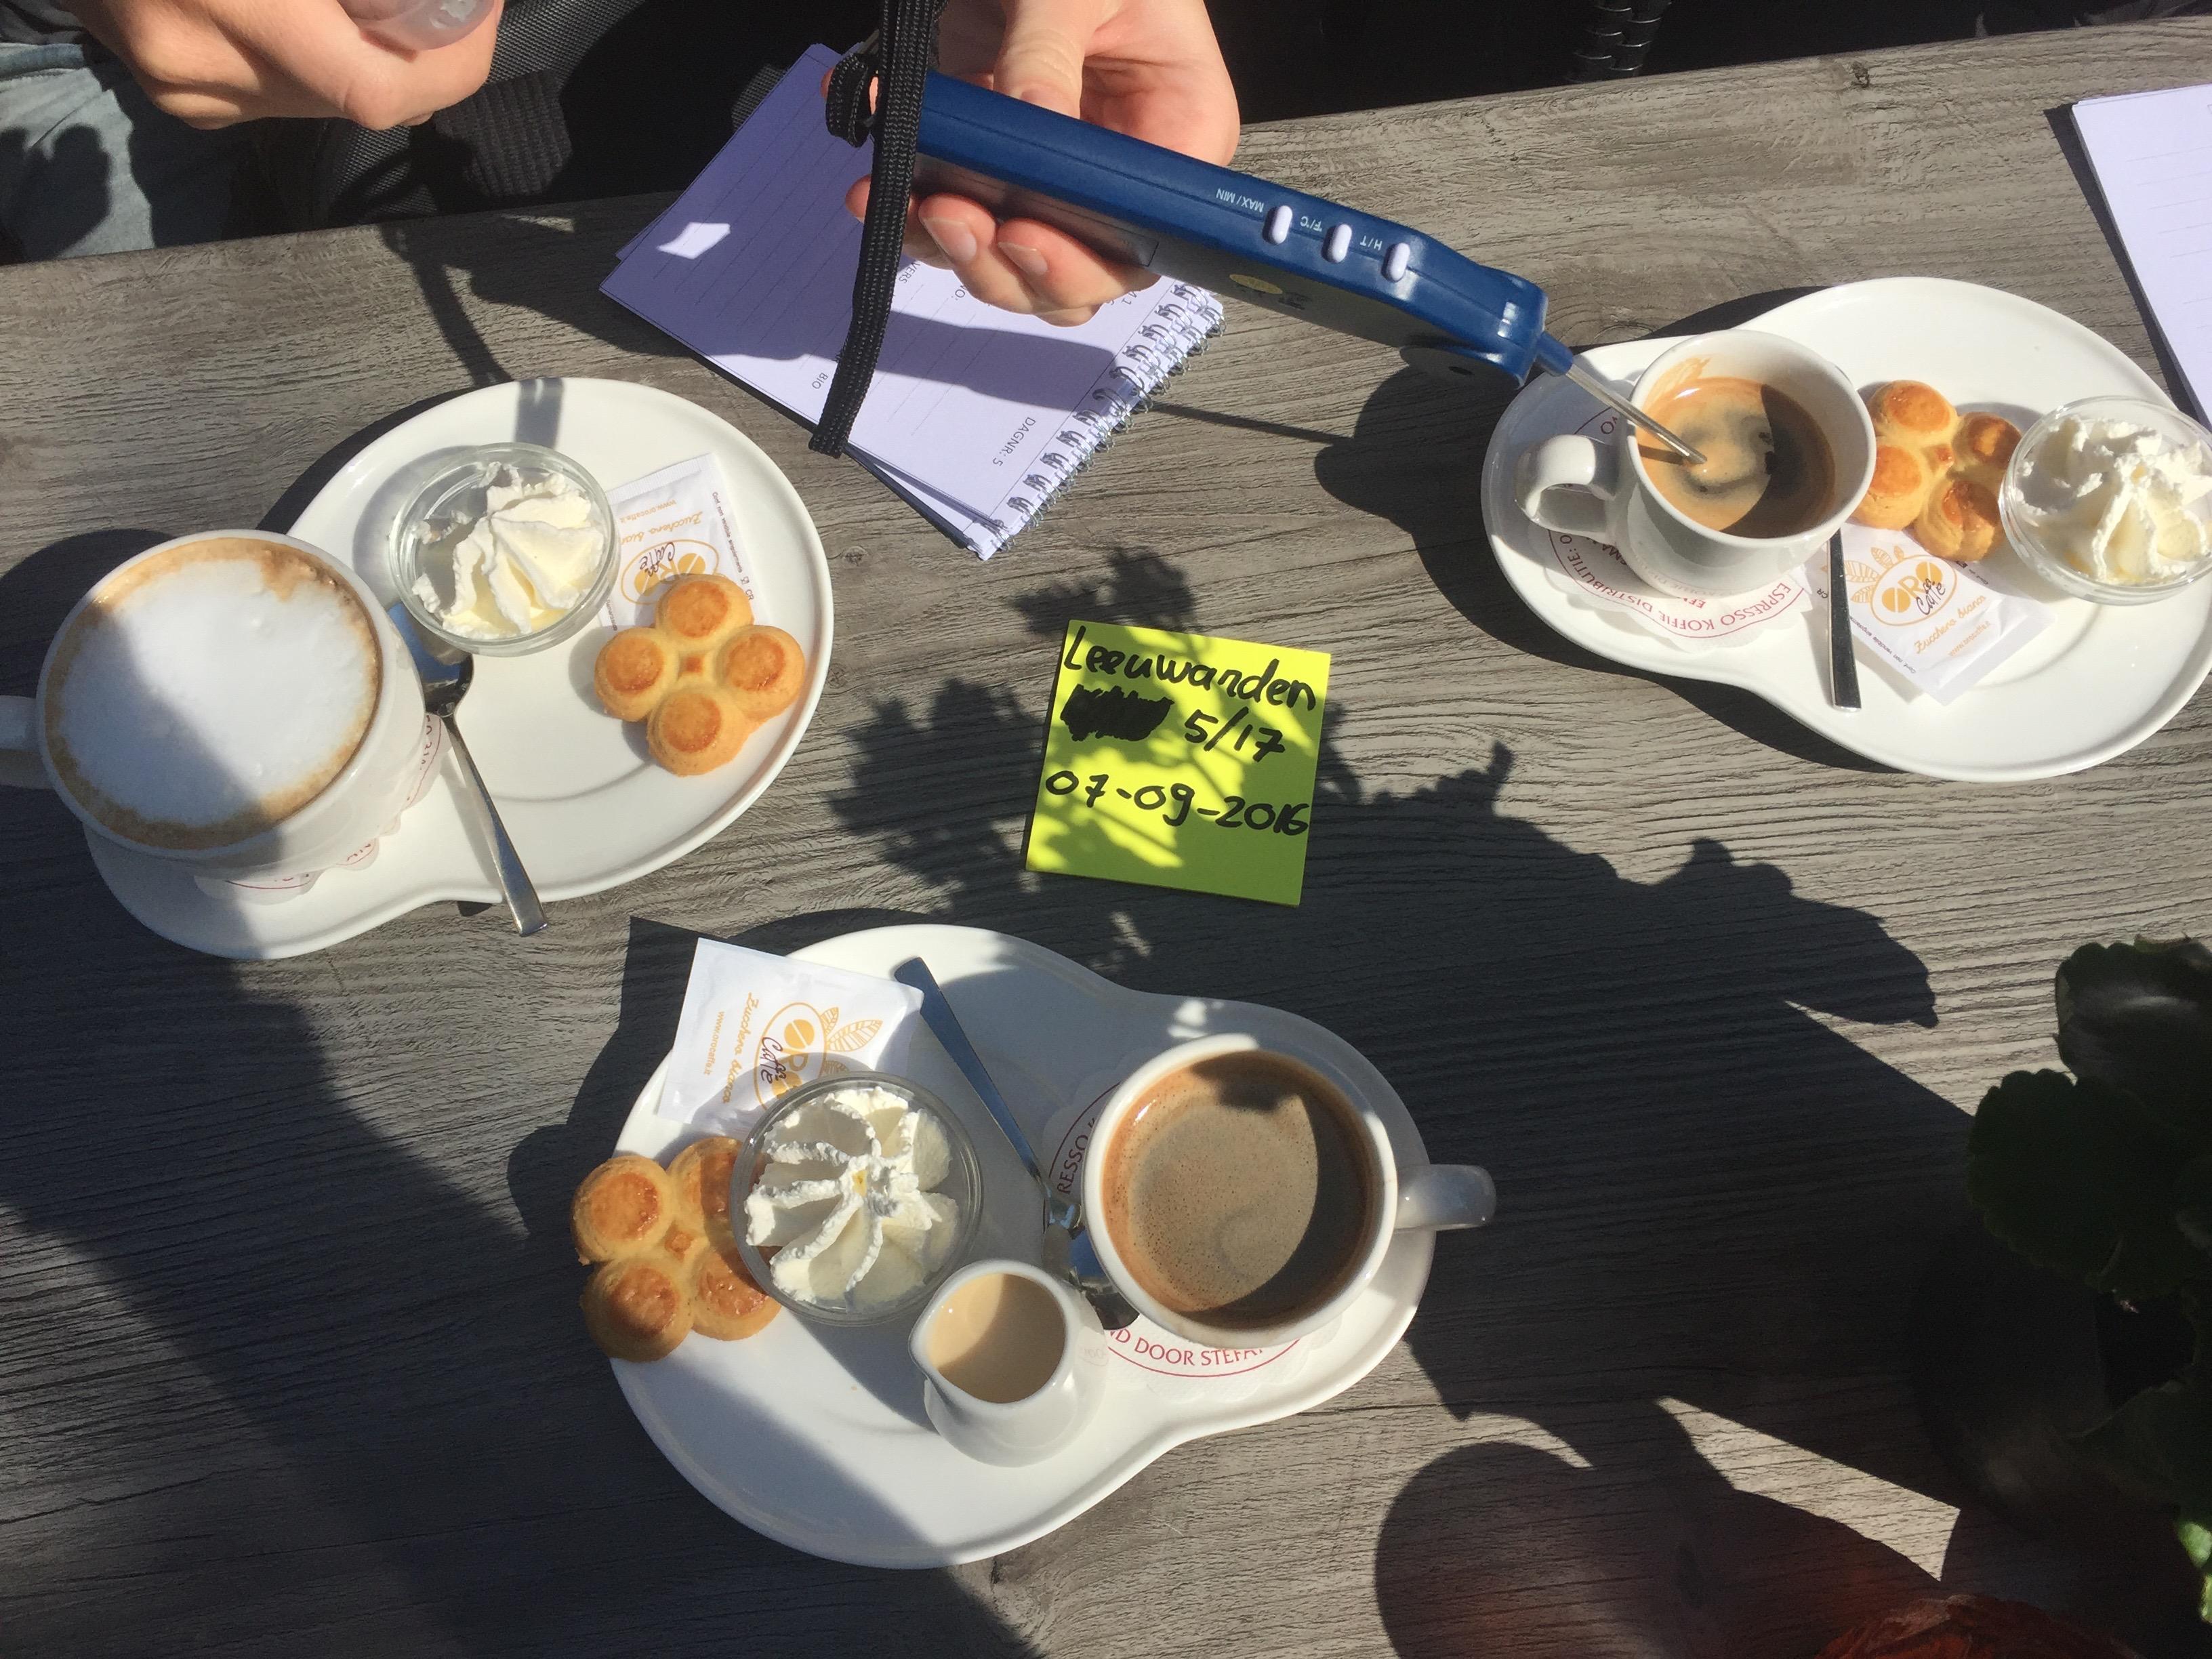 Grand Café Wouters